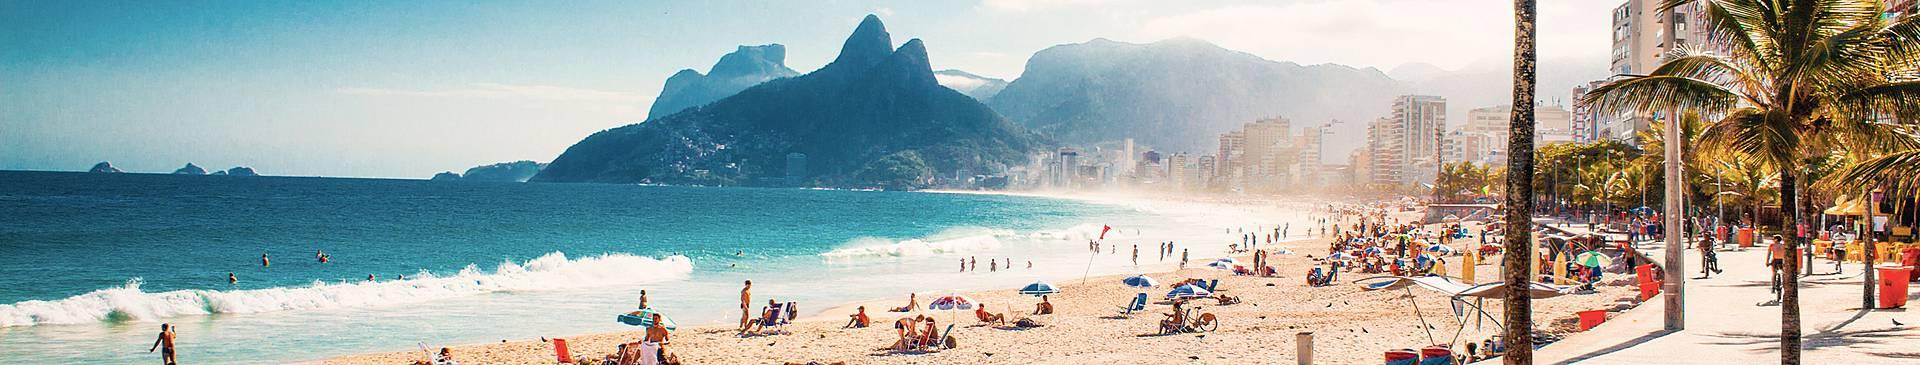 Voyage plage au Brésil